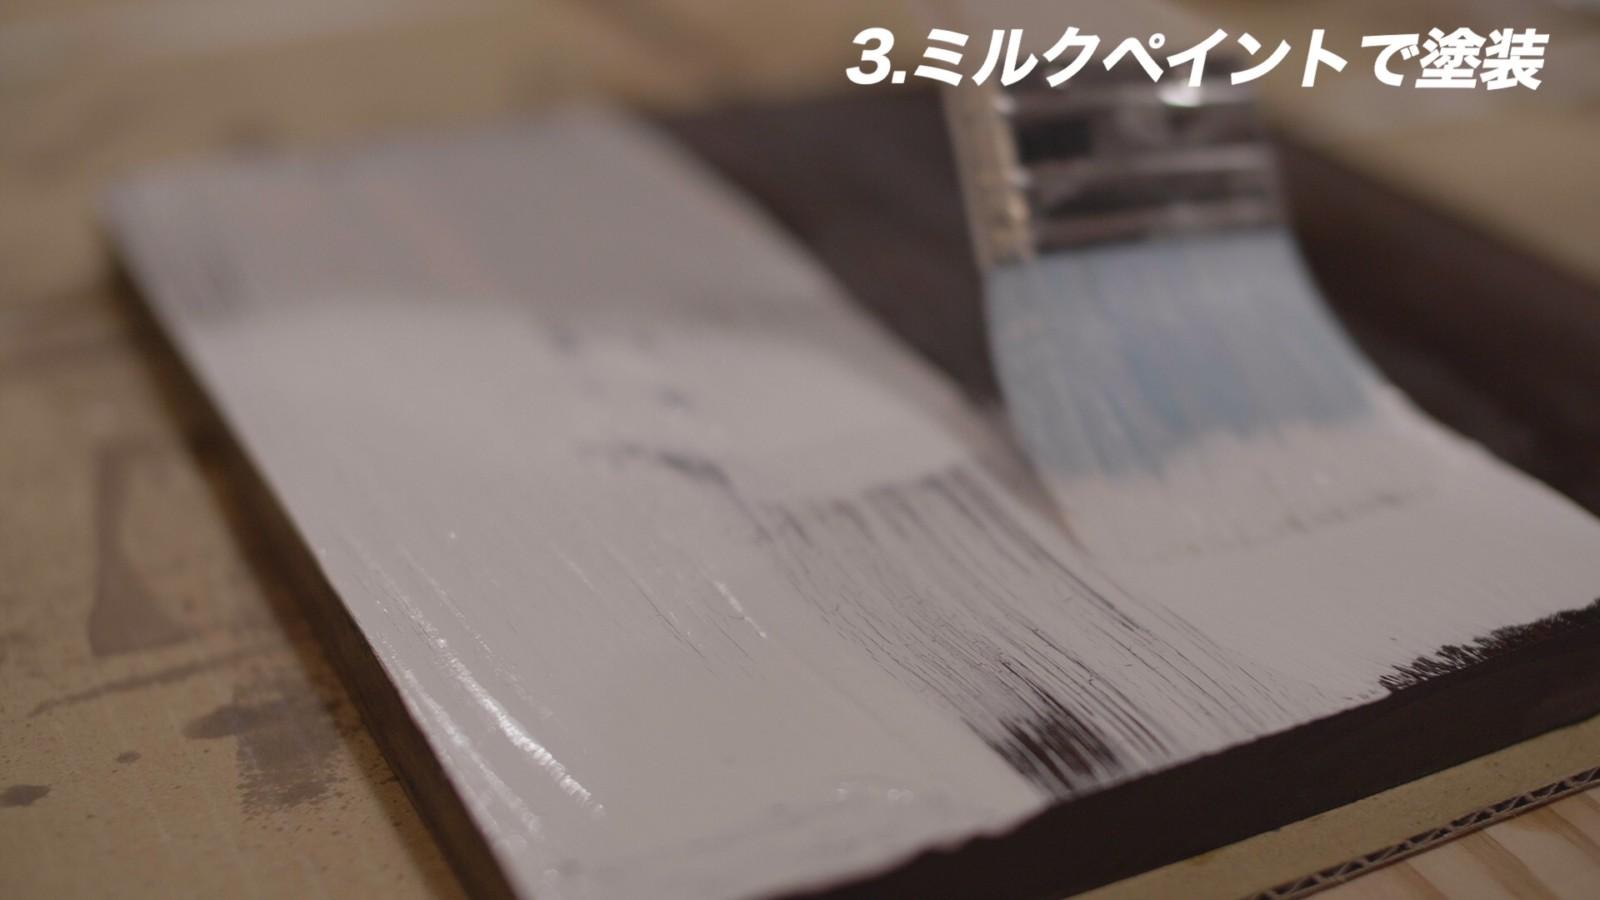 クラッキングメディウムの塗装